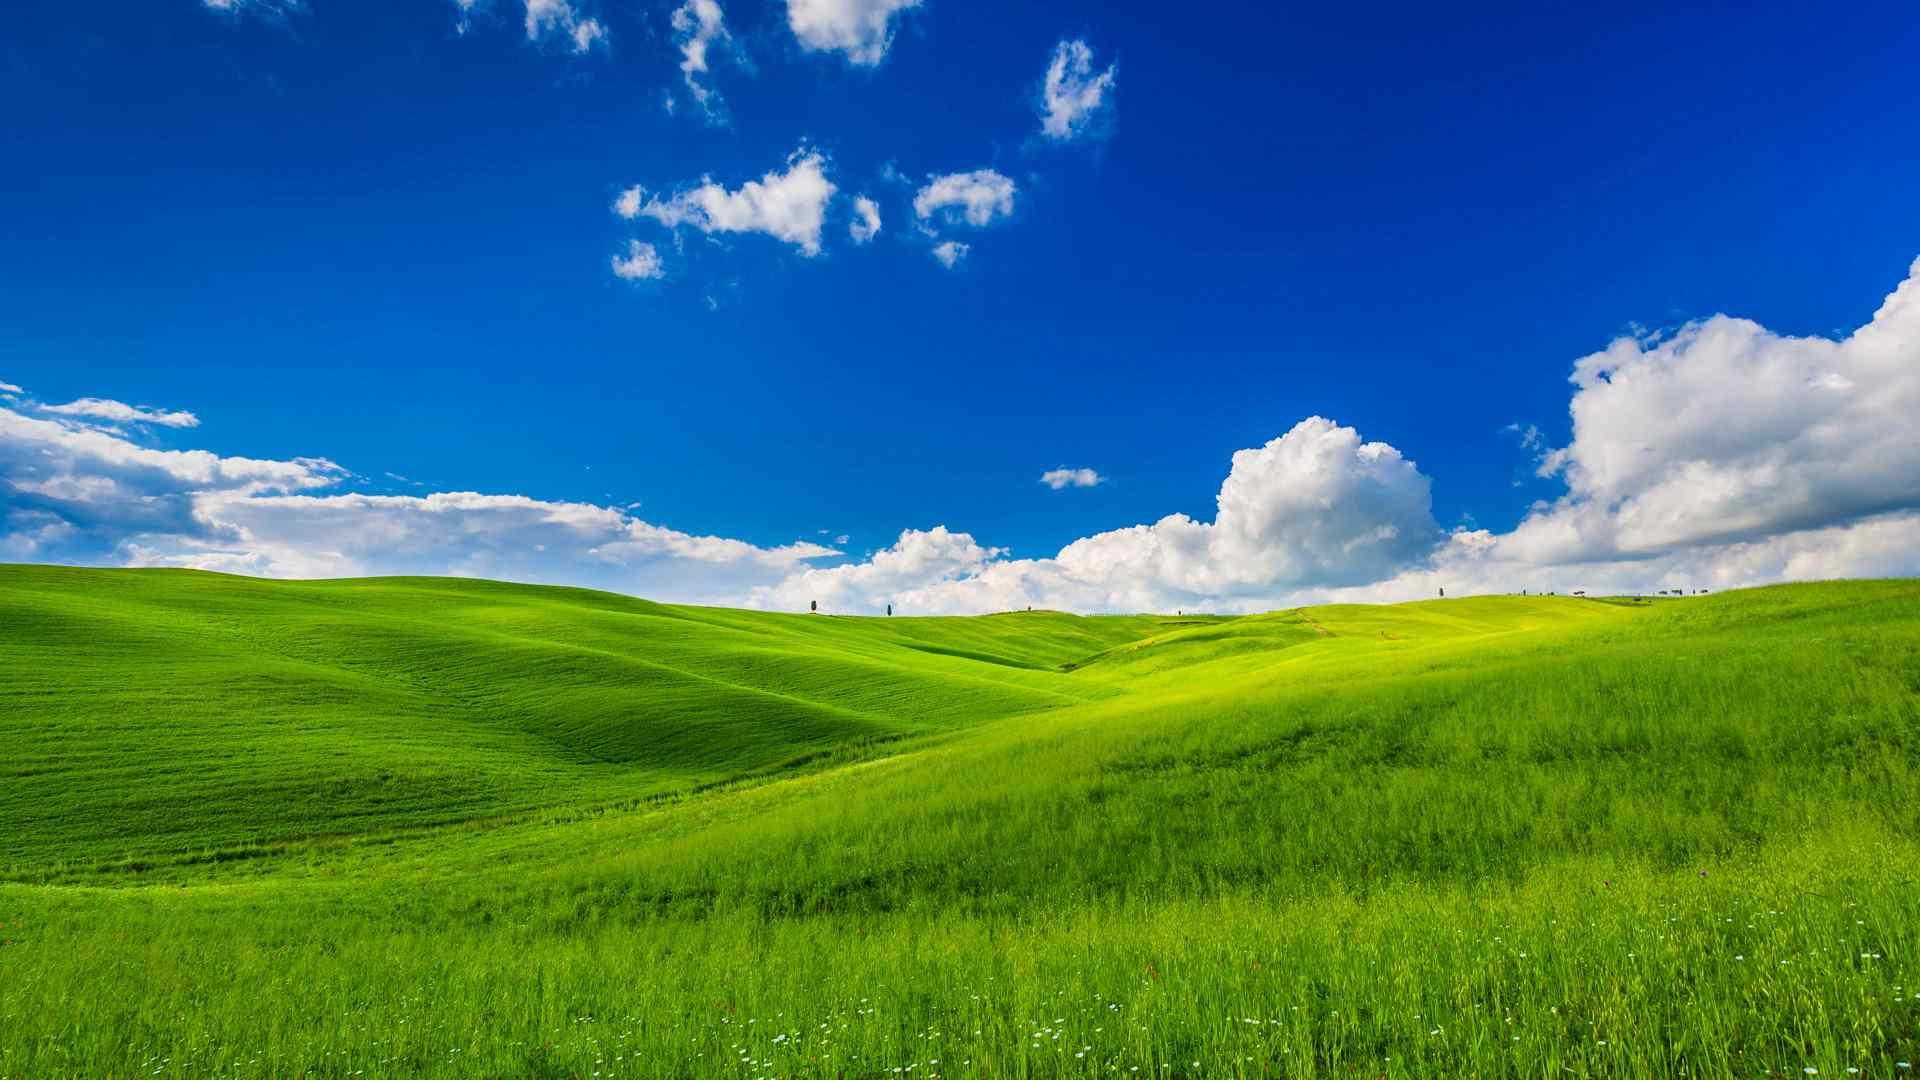 一望无际的美丽大草原风景图片